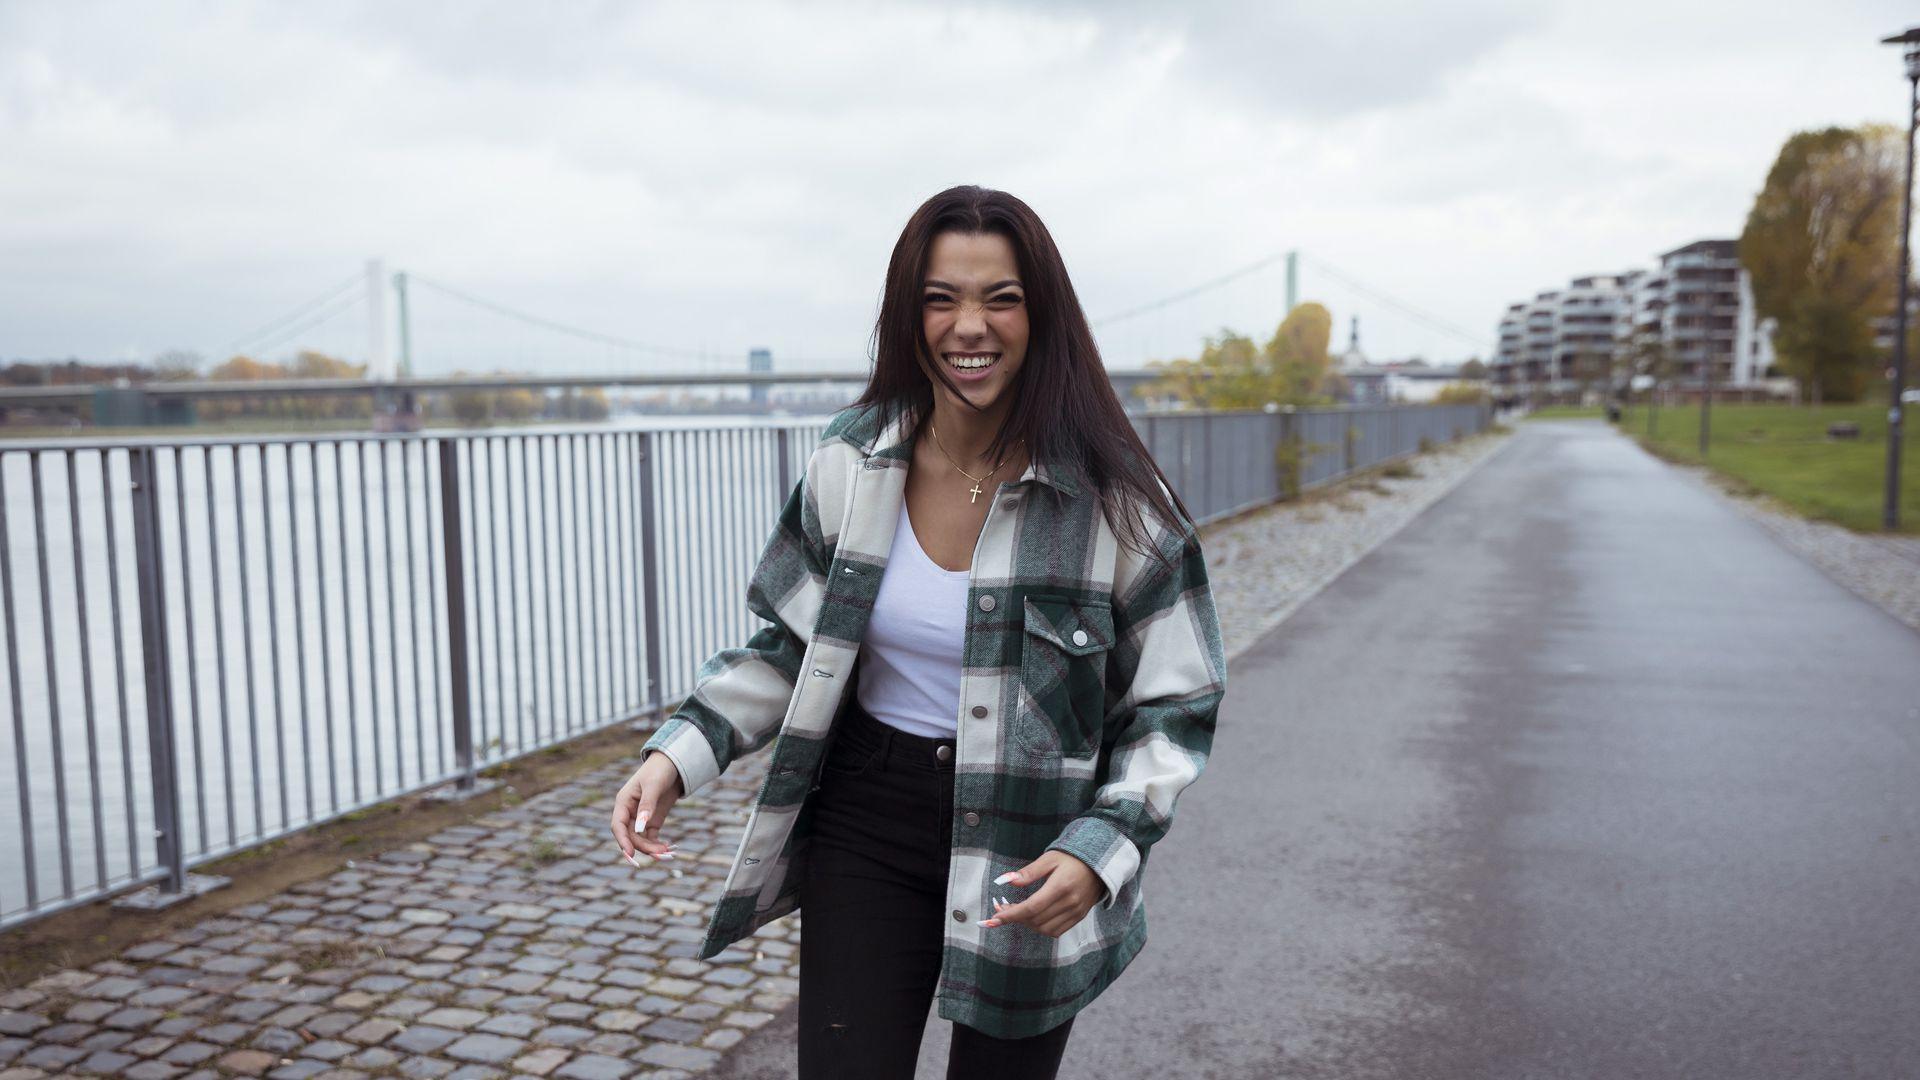 Jiena Viduka Instagram